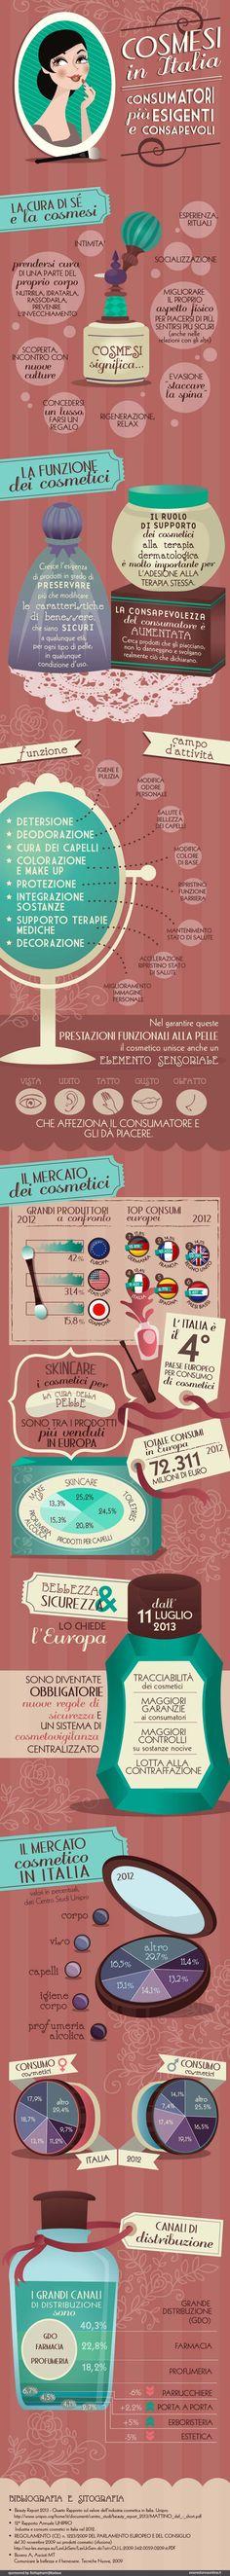 La cosmesi in italia: consumatori più esigenti e consapevoli - Esseredonnaonline - grafica Kleland studio